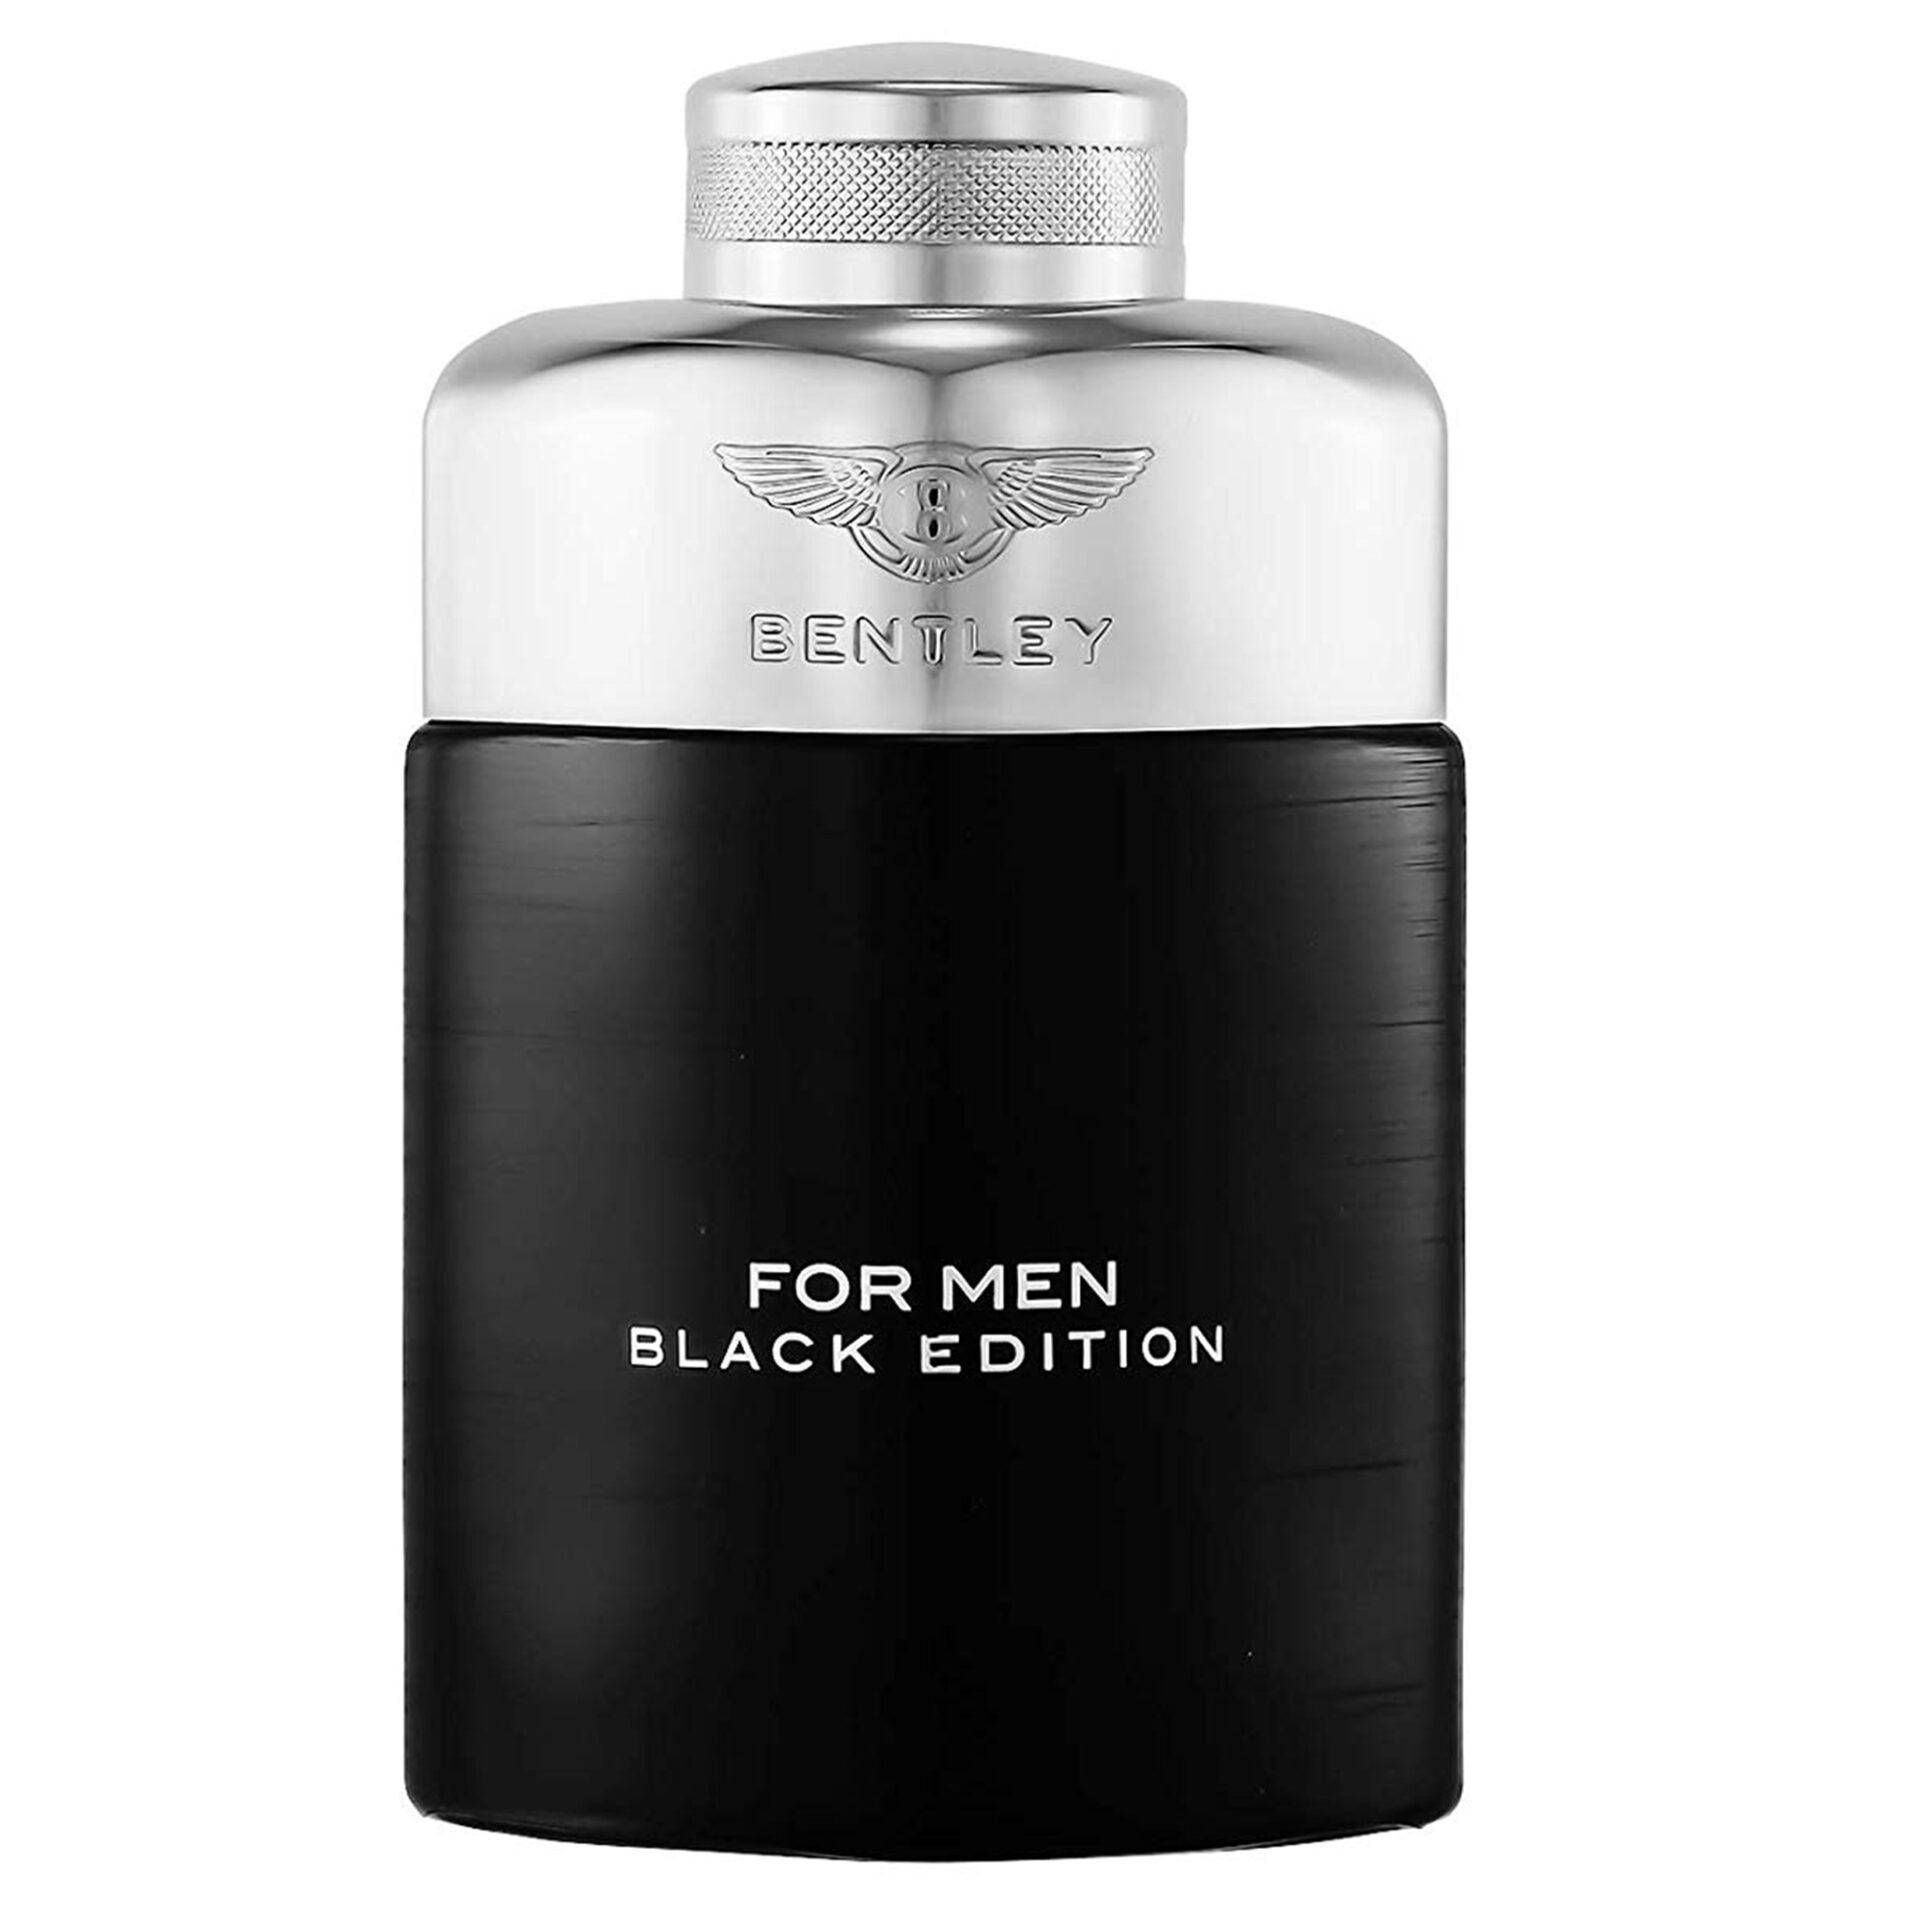 ادو پرفیوم مردانه بنتلی مدل Black Edition حجم 100 میلی لیتر